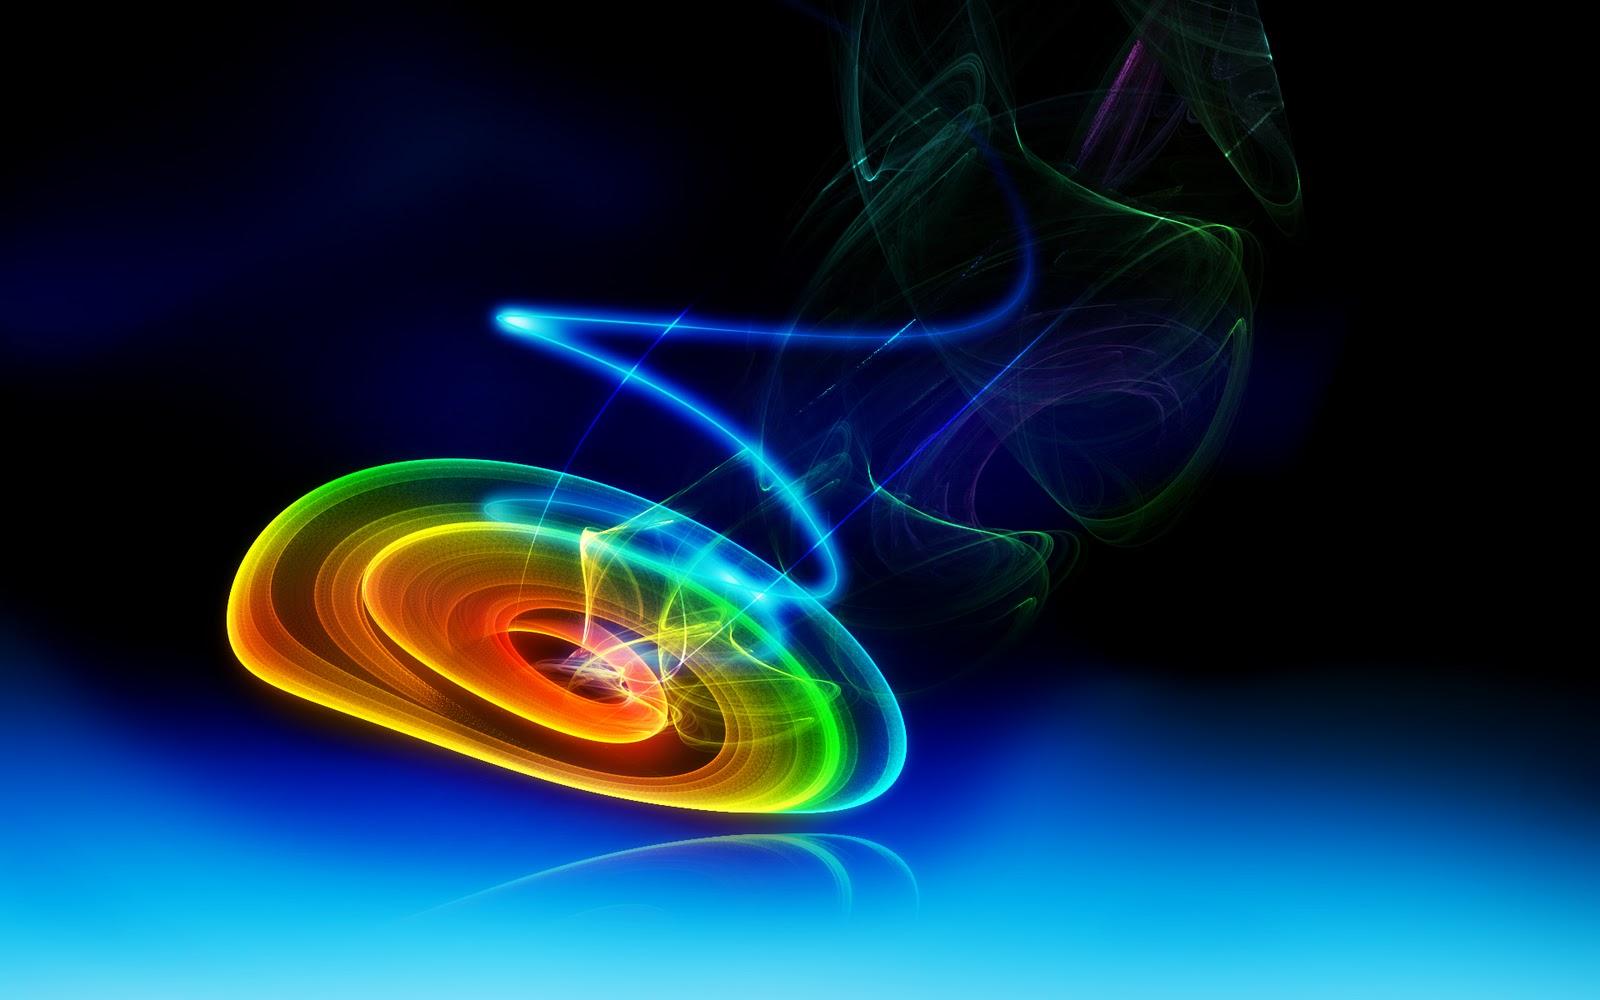 http://3.bp.blogspot.com/-a0HqoTWIRm0/TpBZ6WJXnLI/AAAAAAAAByQ/88cch6HKkB8/s1600/wallpaper_3D_Color_Born_HD_Wallpaper_by_3D_Xtrinity.jpg